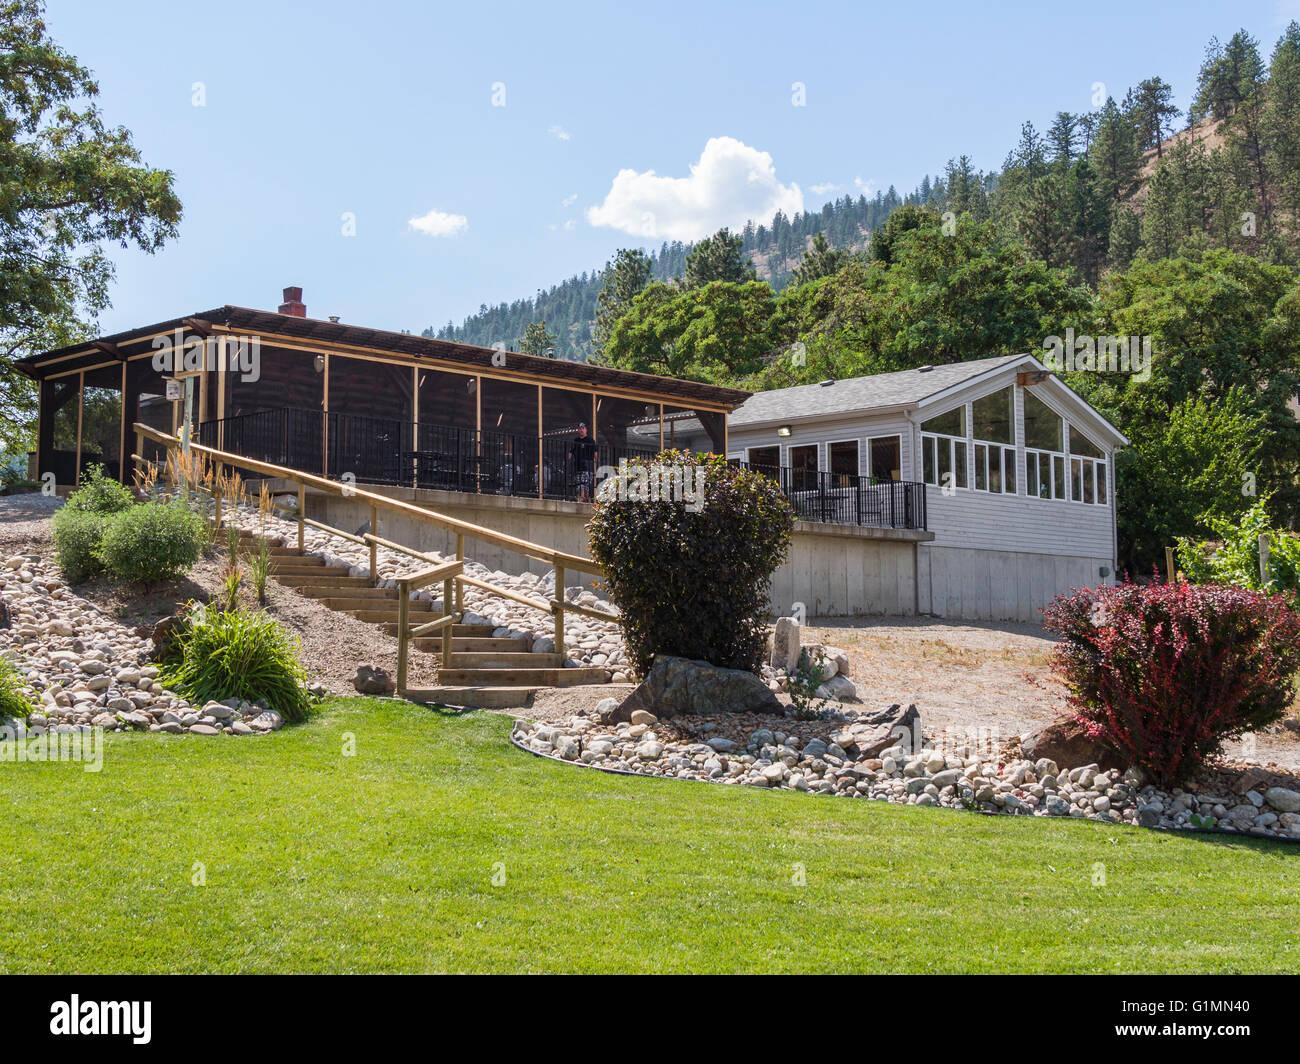 Restaurant and shop at See Ya Later Ranch and Winery, Near Okanagan Falls, BC, Canada. - Stock Image